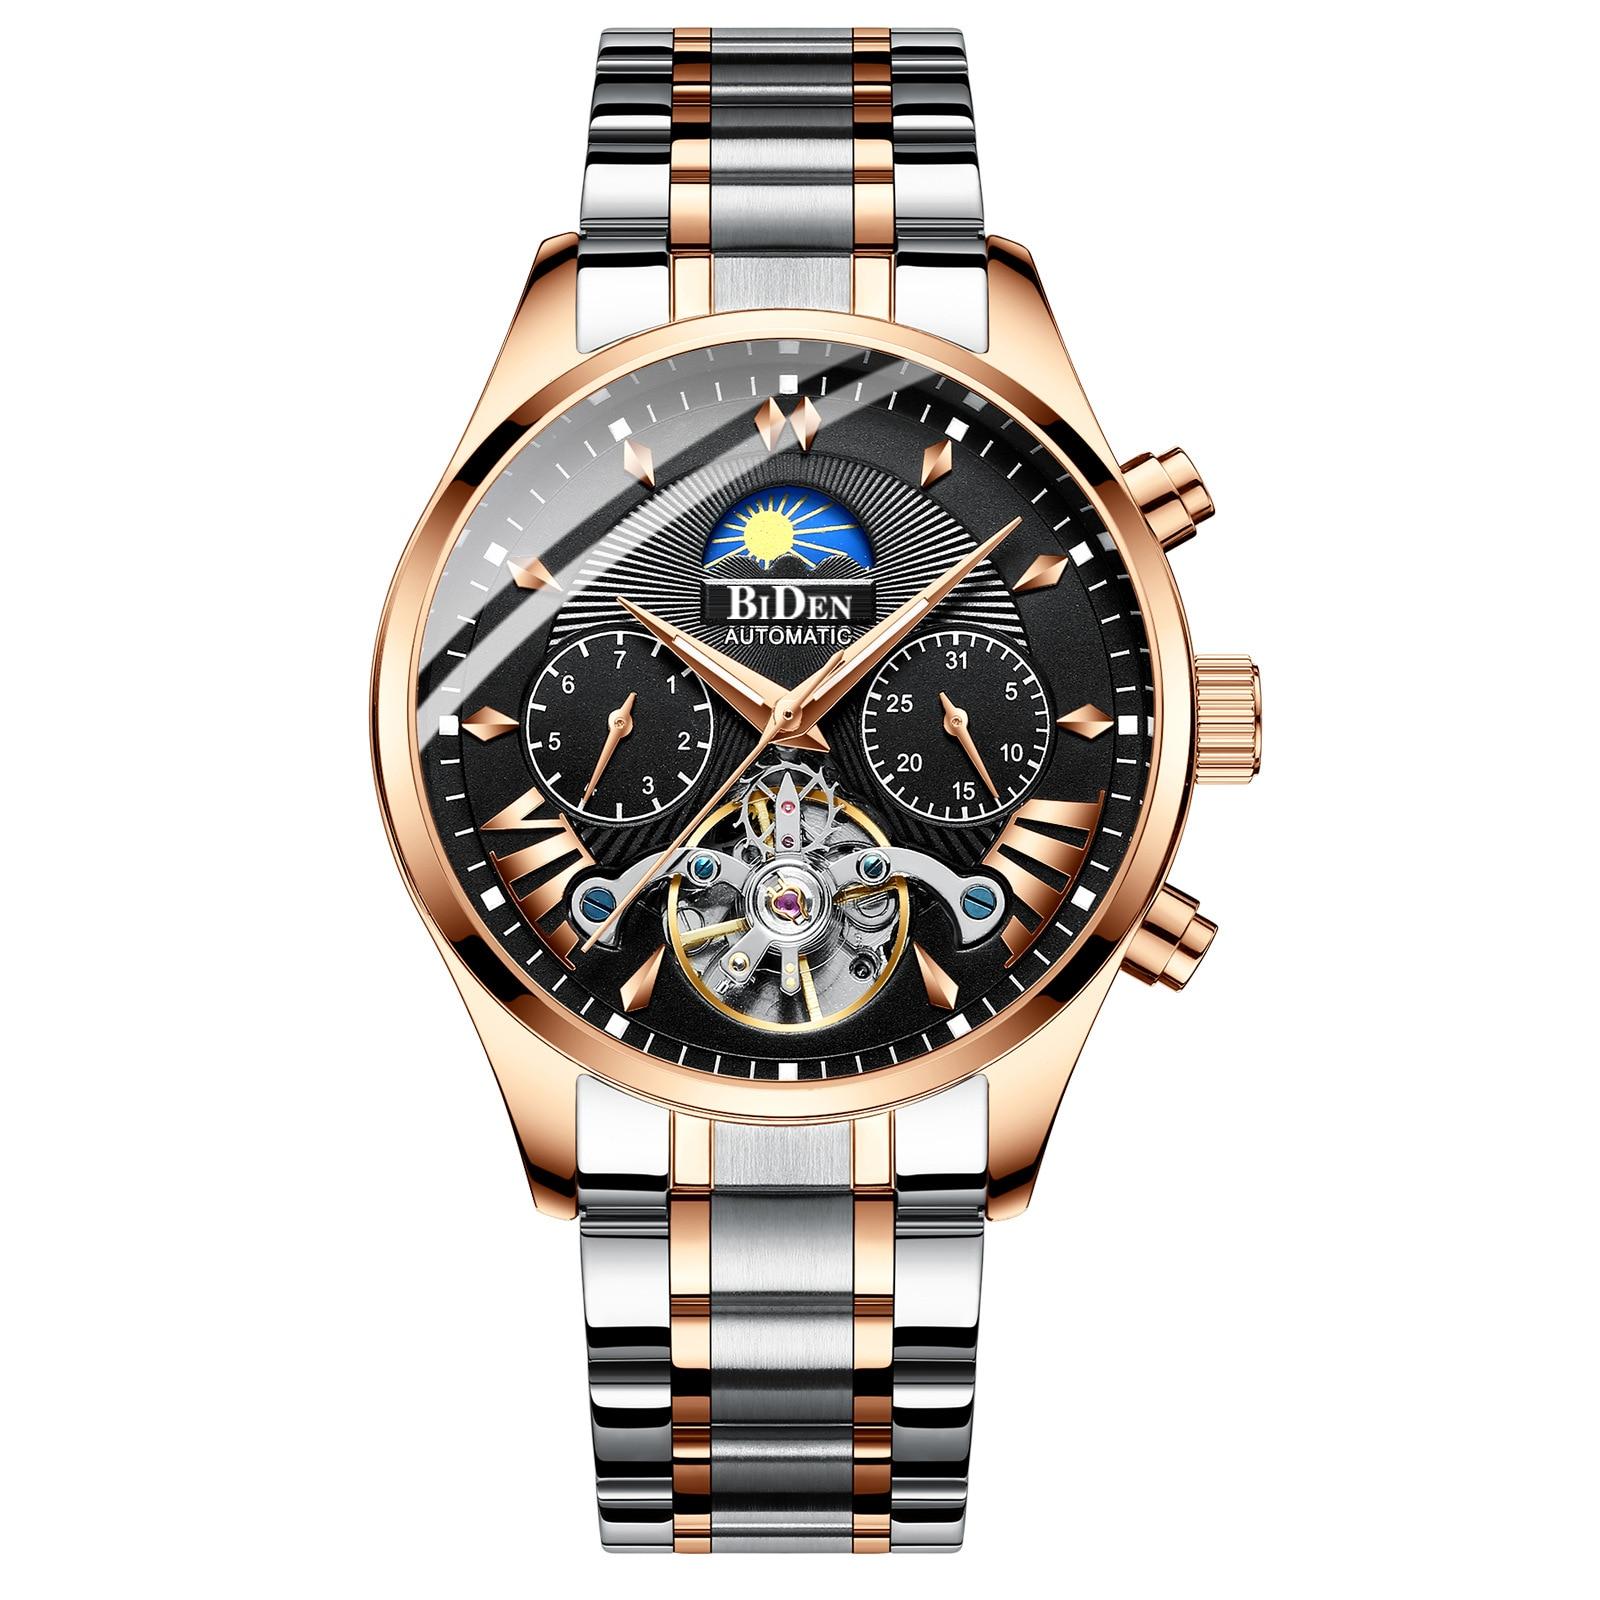 2019 nouveau BIDEN marque hommes montres en acier inoxydable entièrement automatique mécanique multifonction Tourbillon homme montres - 4